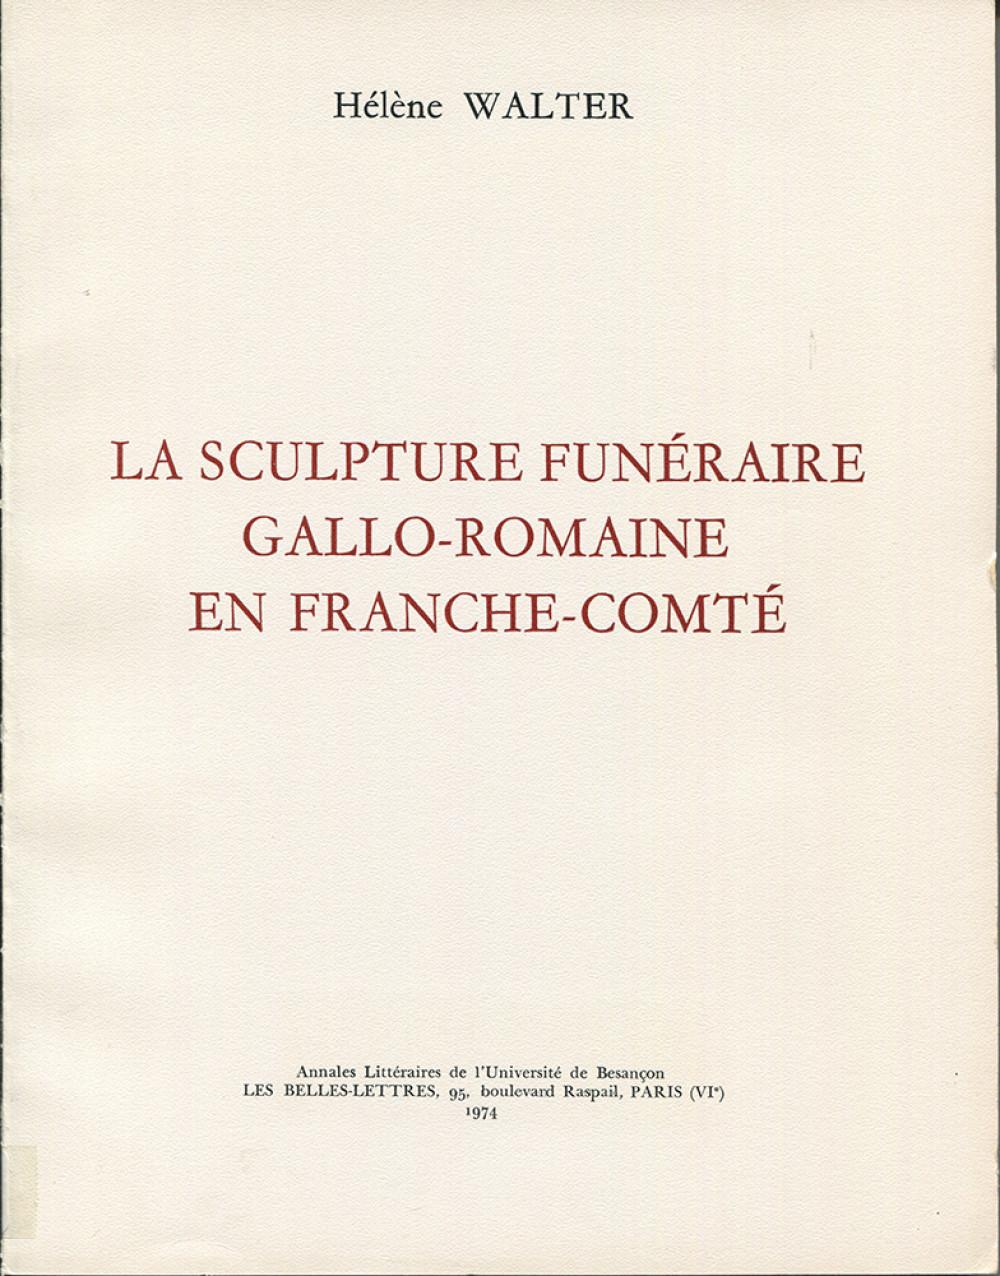 La sculpture funéraire gallo-romaine en Franche-Comté